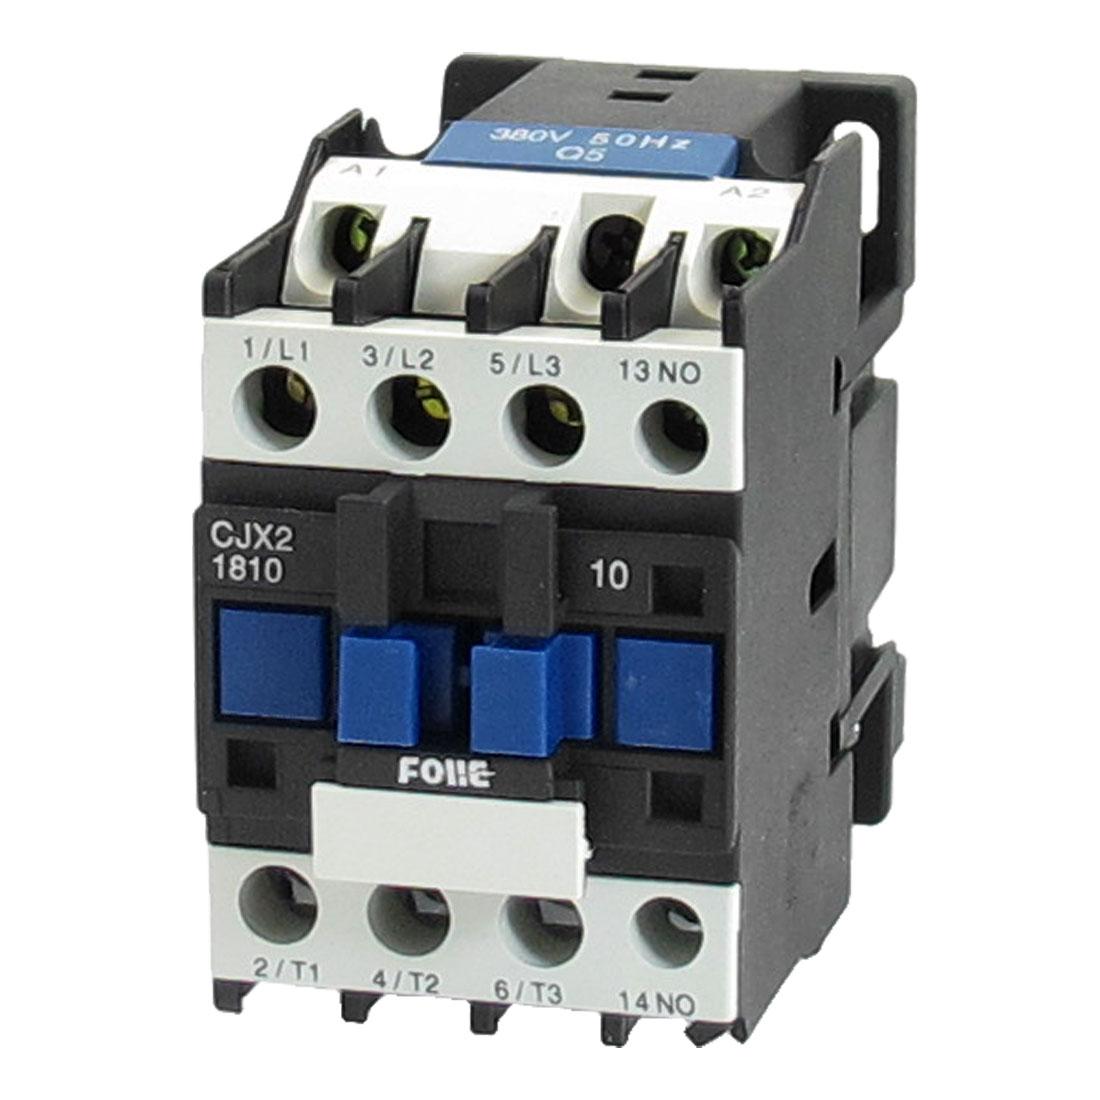 380V Coil Motor Controler AC Contactor 3P 3 Pole NO 660V 9KW CJX2-1810